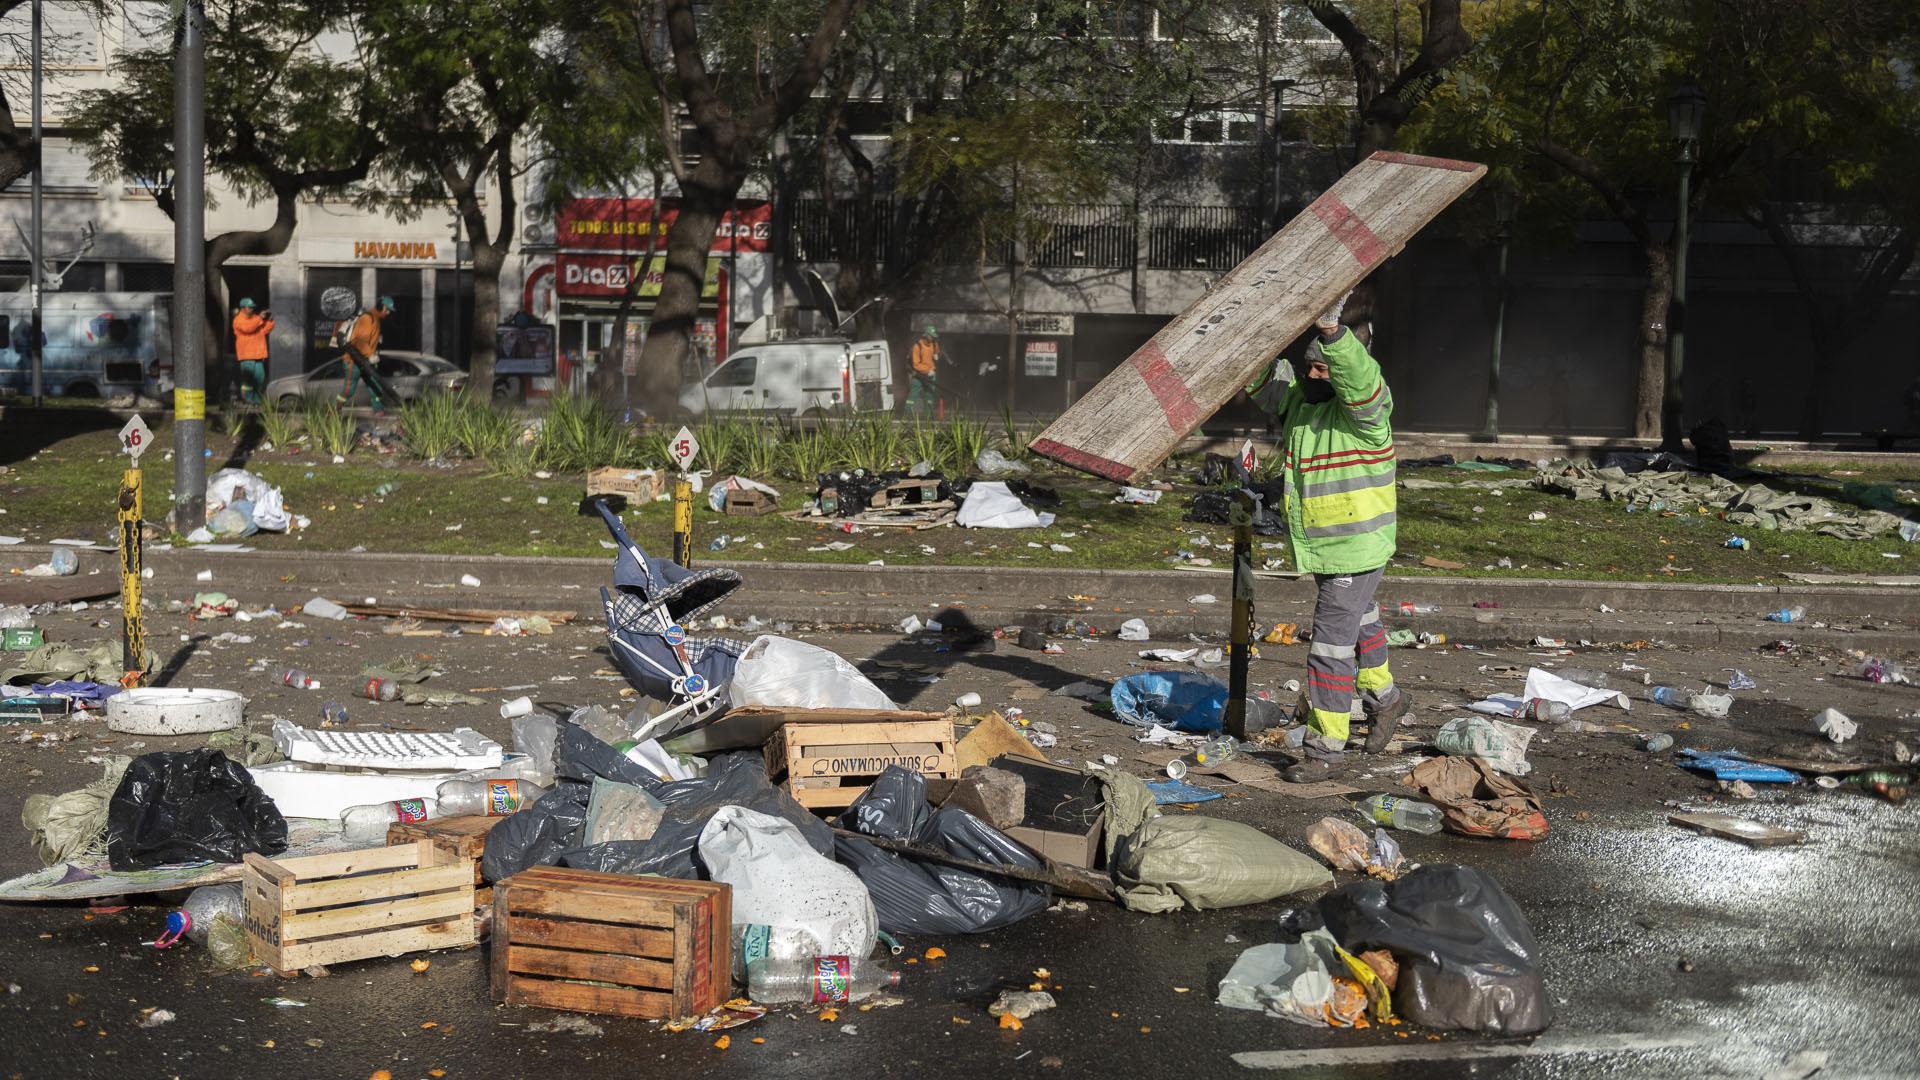 La medida complicó el tránsito en el Centro porteño desde el miércoles a la tarde